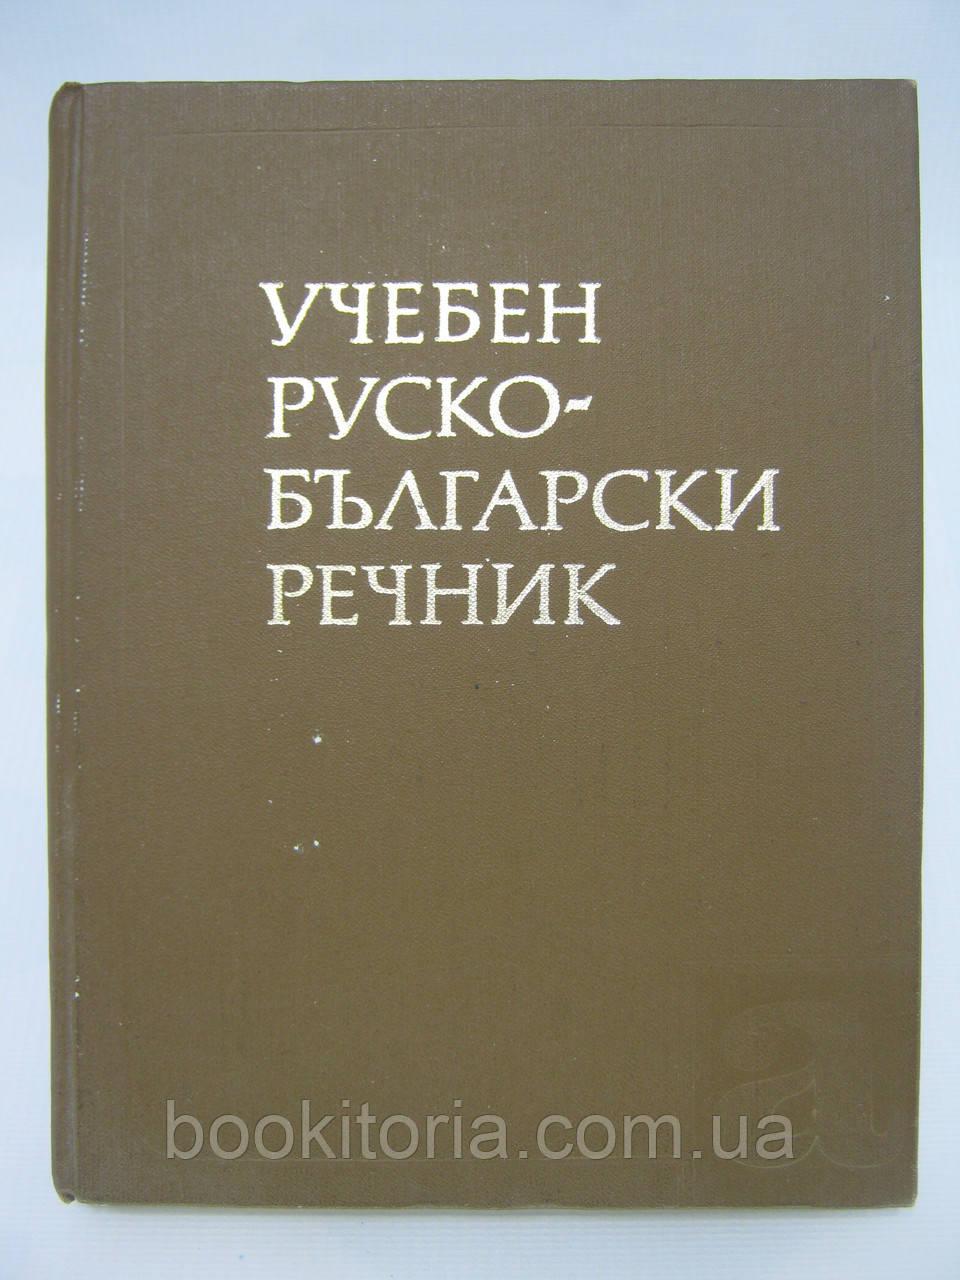 Гочева Э., Еленска В.Б. Русско-болгарский учебный словарь (б/у).